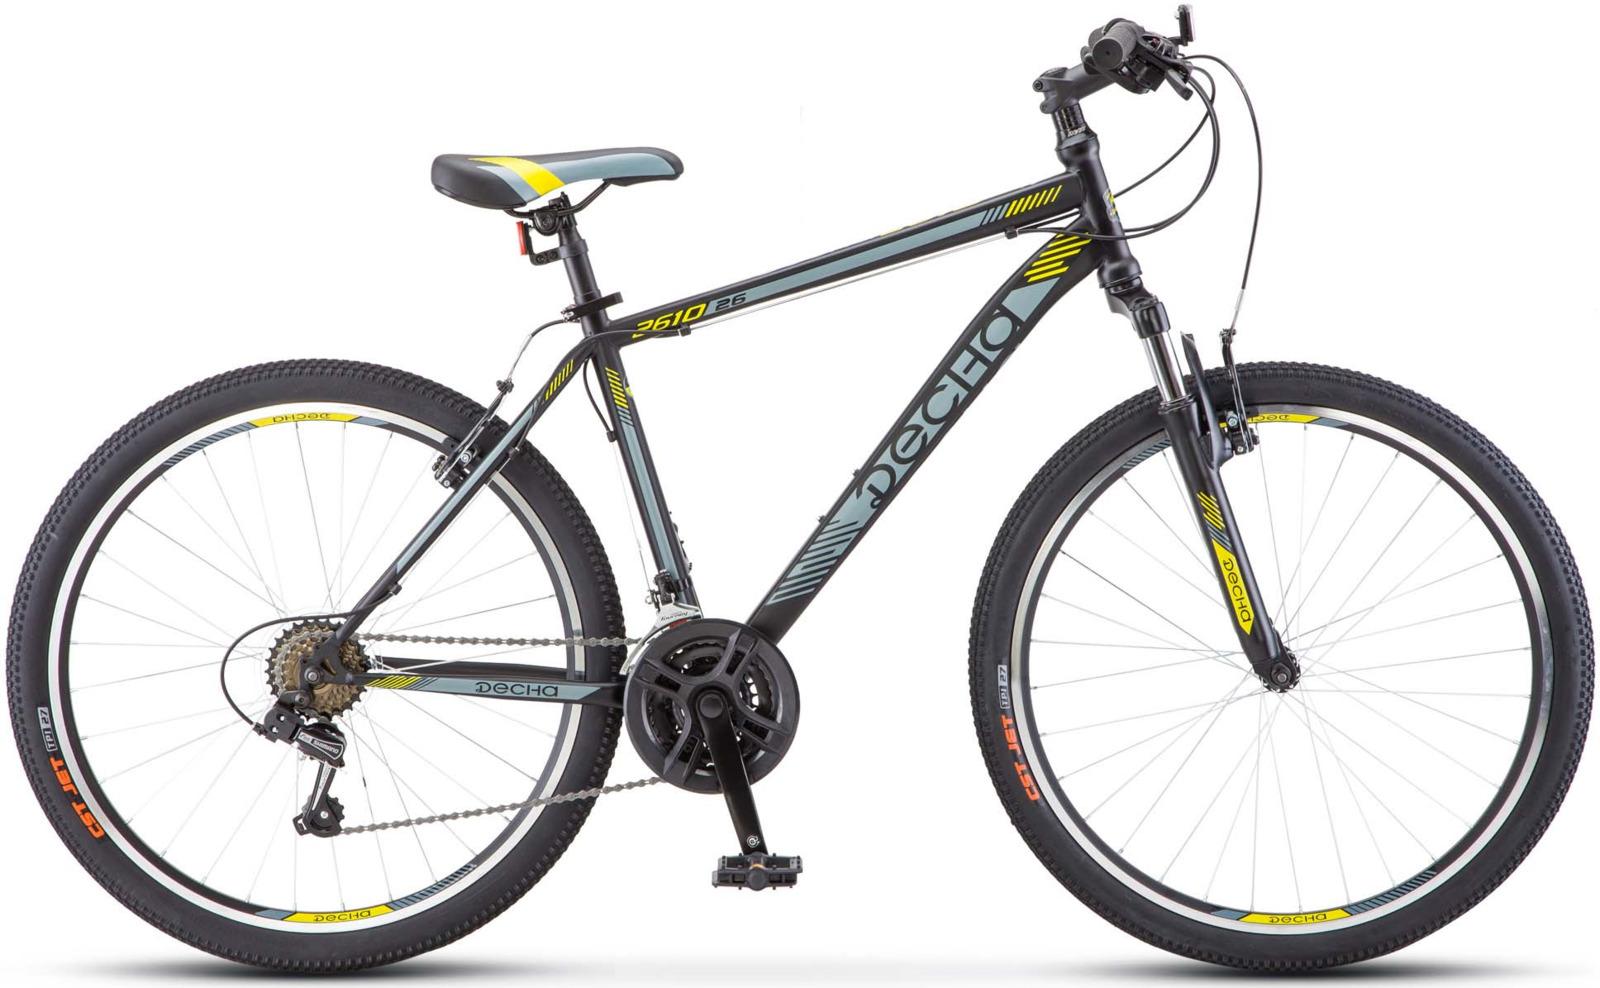 Велосипед Stels Десна-2610 V 20, KUBC0044842017, черный цены